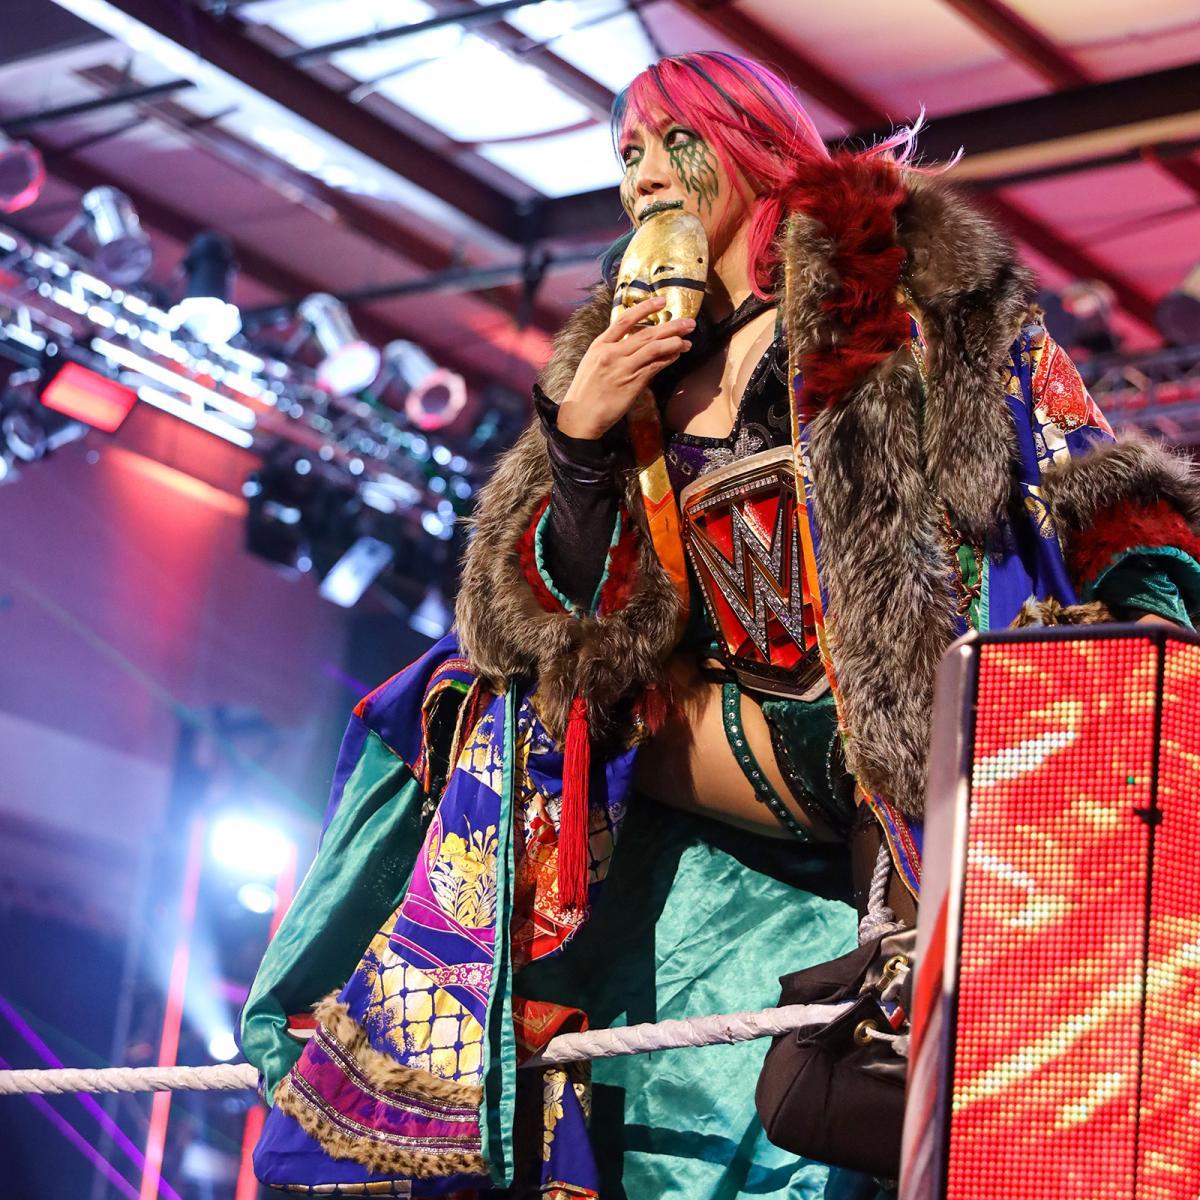 ロウ女子王者アスカ(C)2021 WWE, Inc. All Rights Reserved.